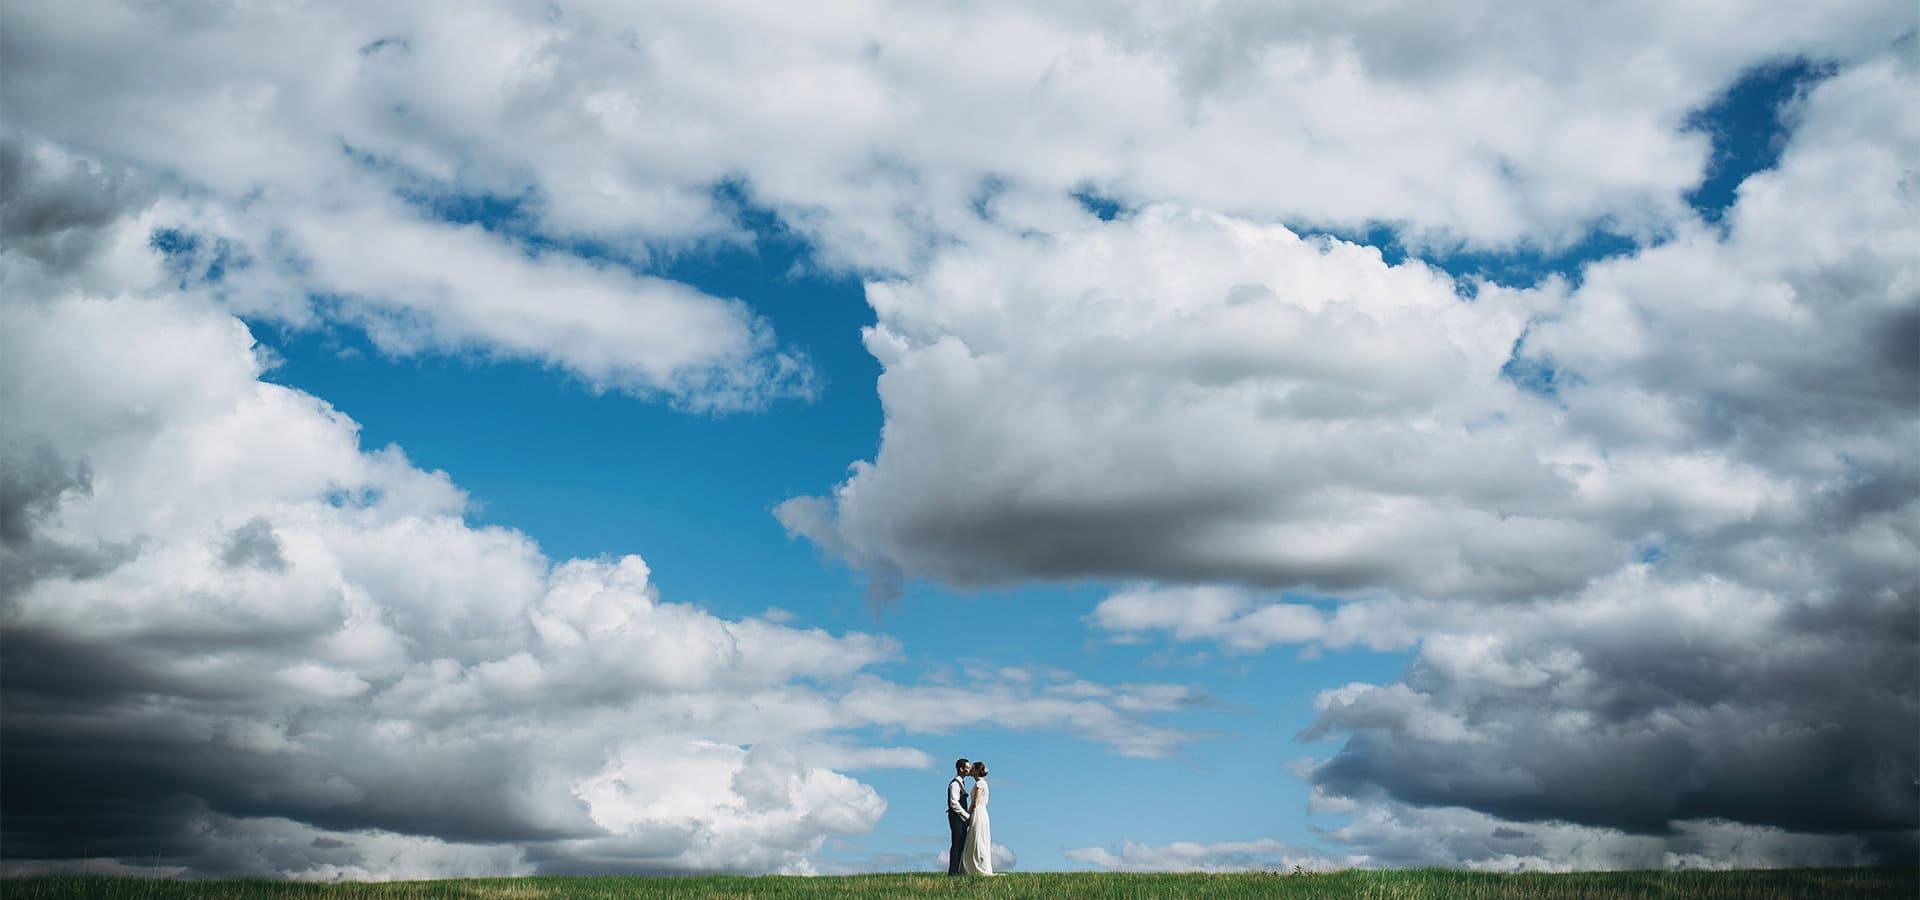 northamptonshire-wedding-photographer-bride-groom-big-sky